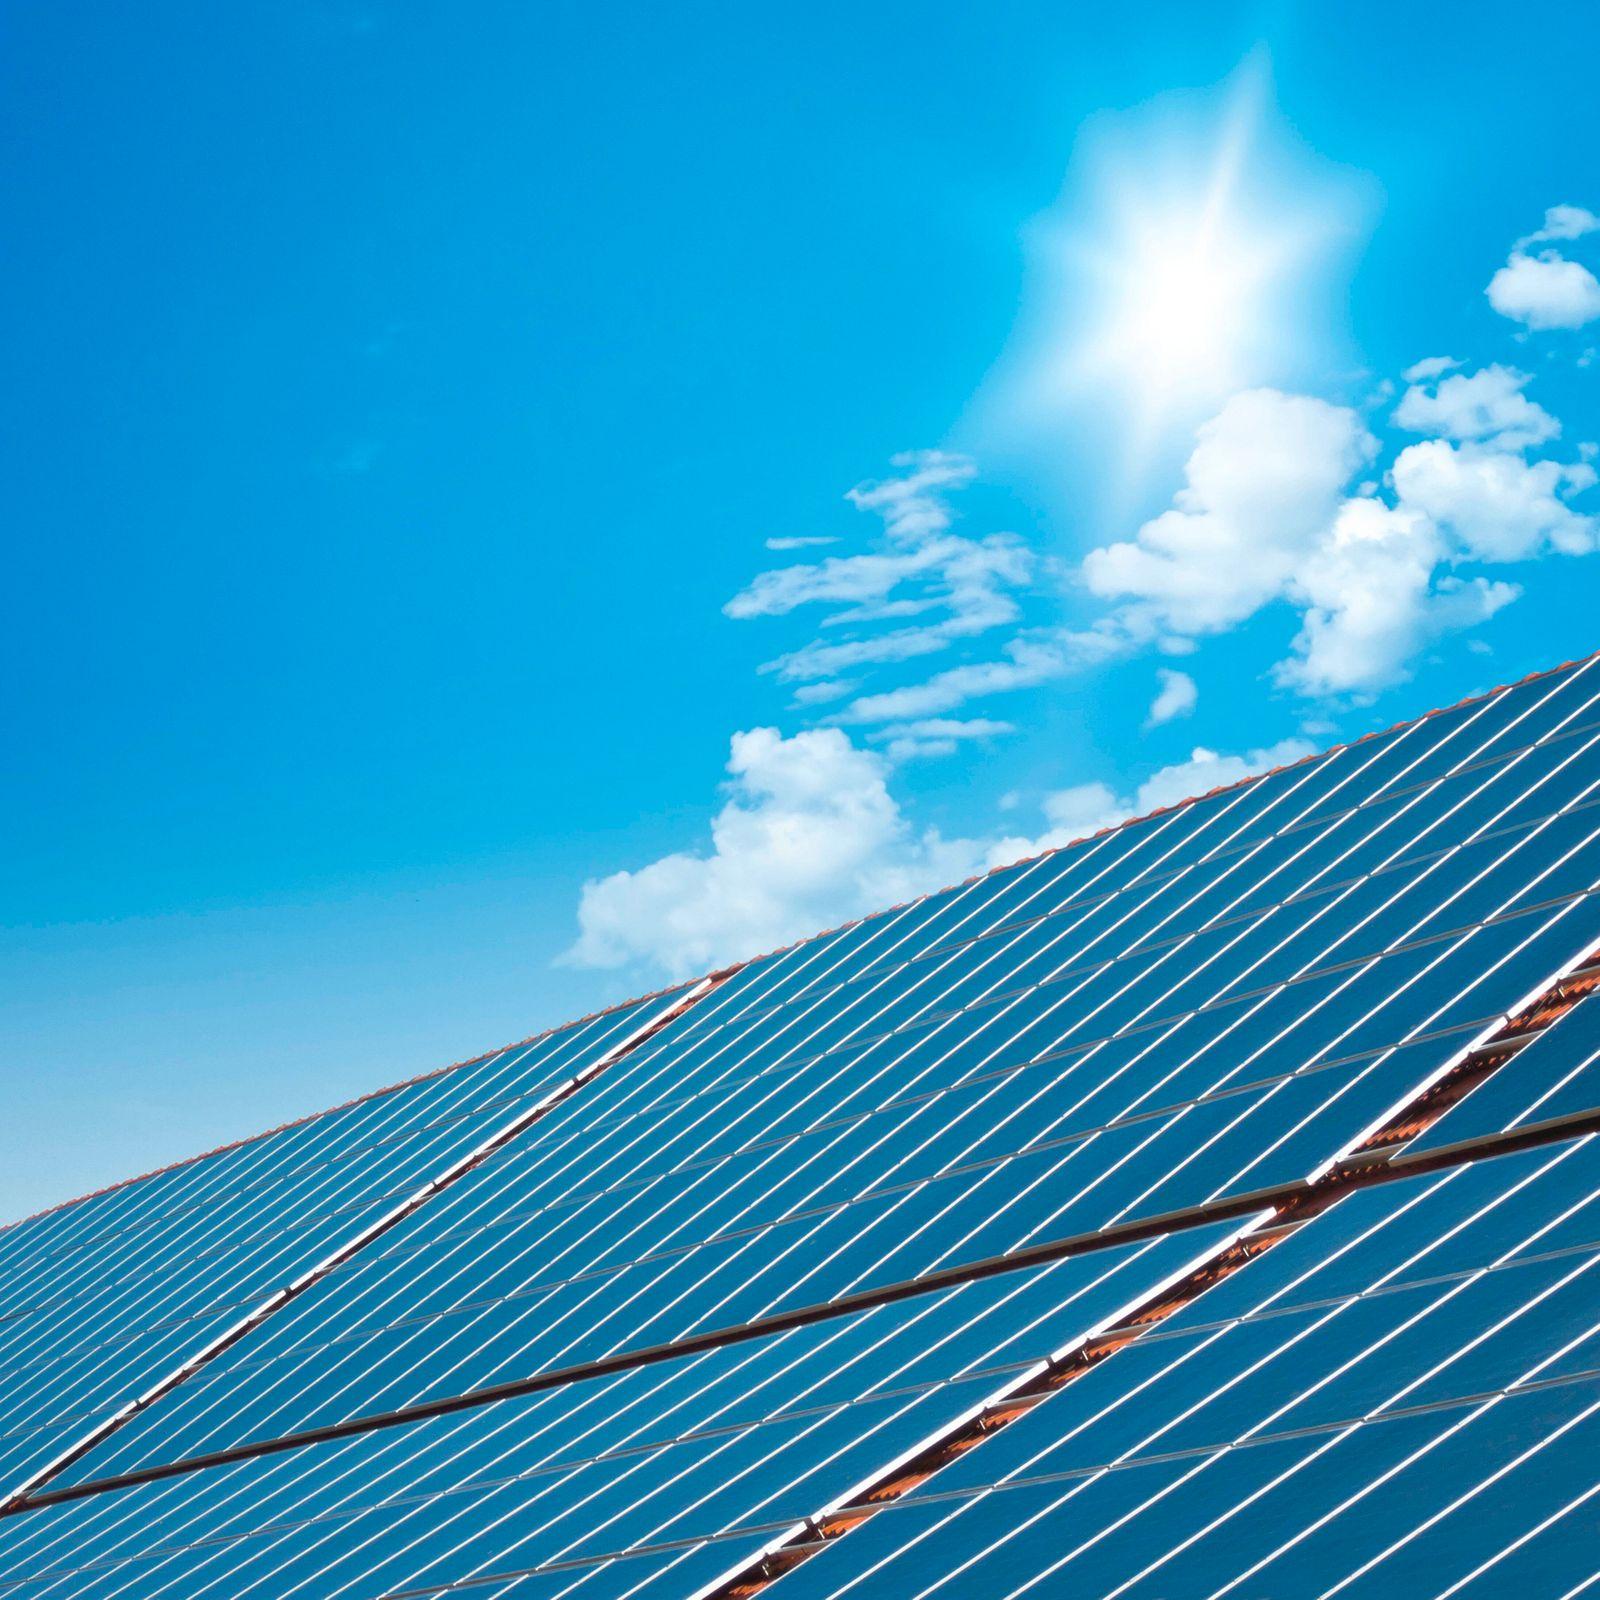 Solarzellen, blauer Himmel und Sonne, Deutschland, Bayern solar panels with blue sunny sky, Germany, Bavaria BLWS612337